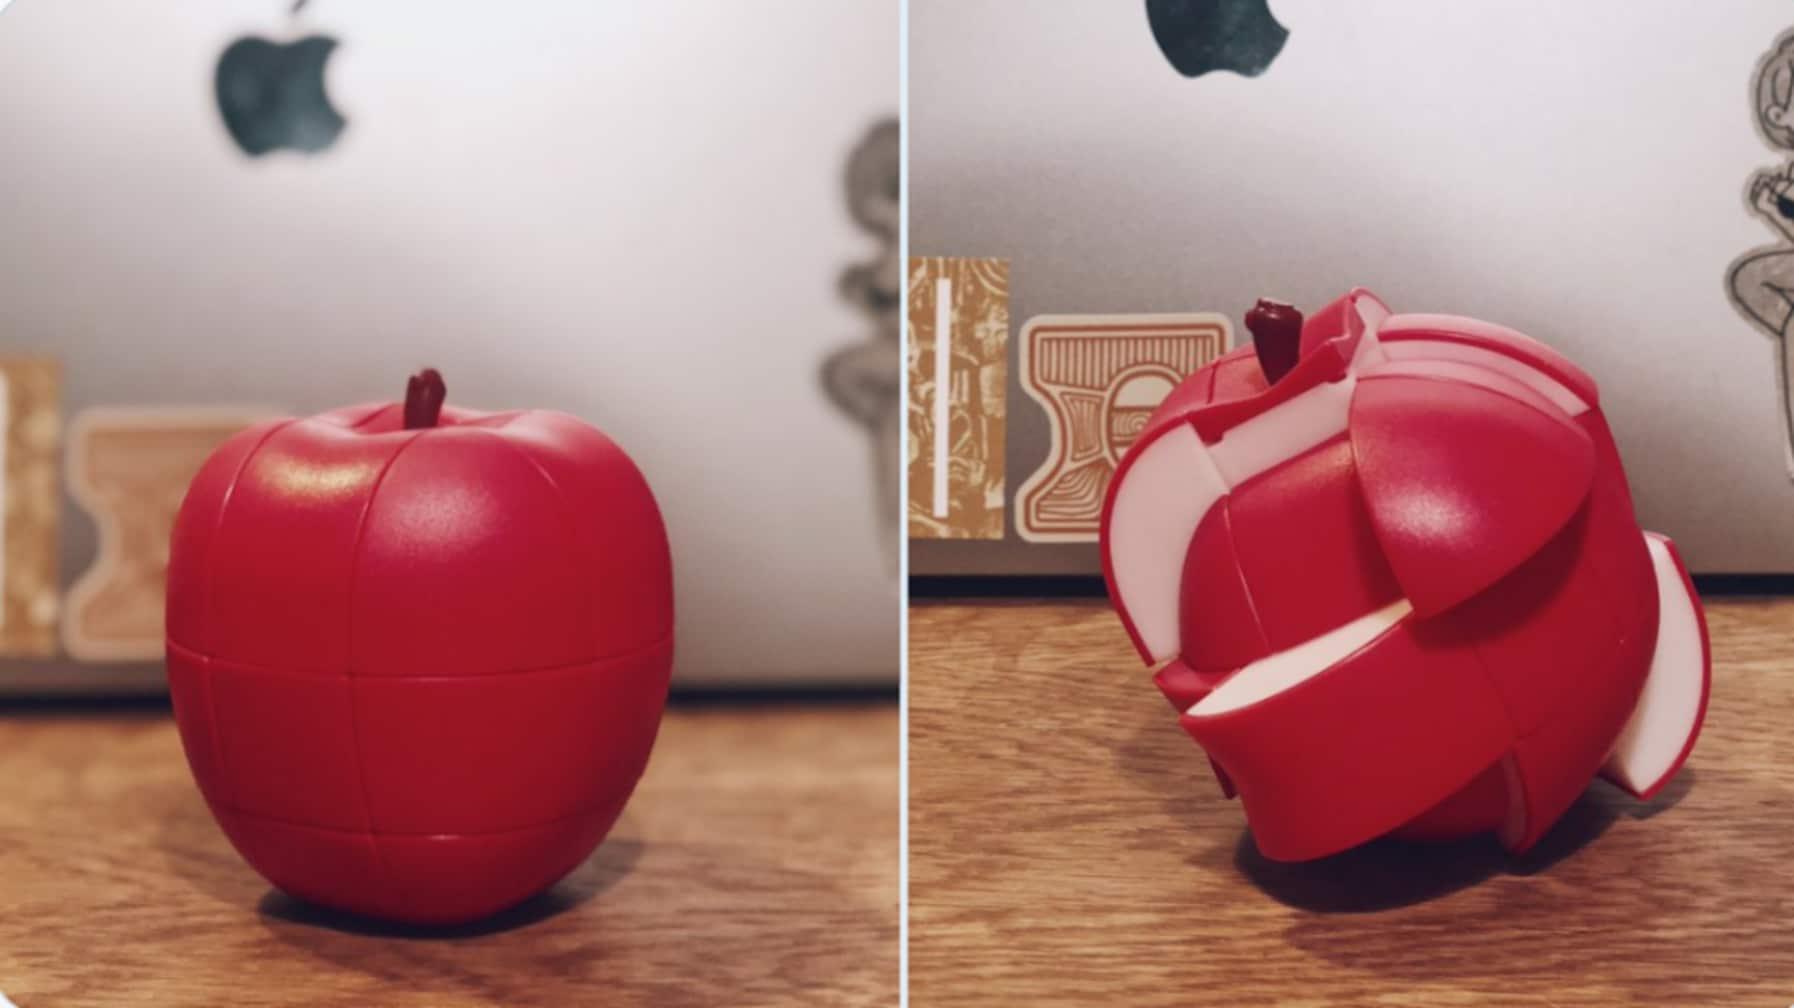 リンゴに見えるコレ実は…青森で買った予想外のお土産に「買いたい」「難易度高そう」と話題に